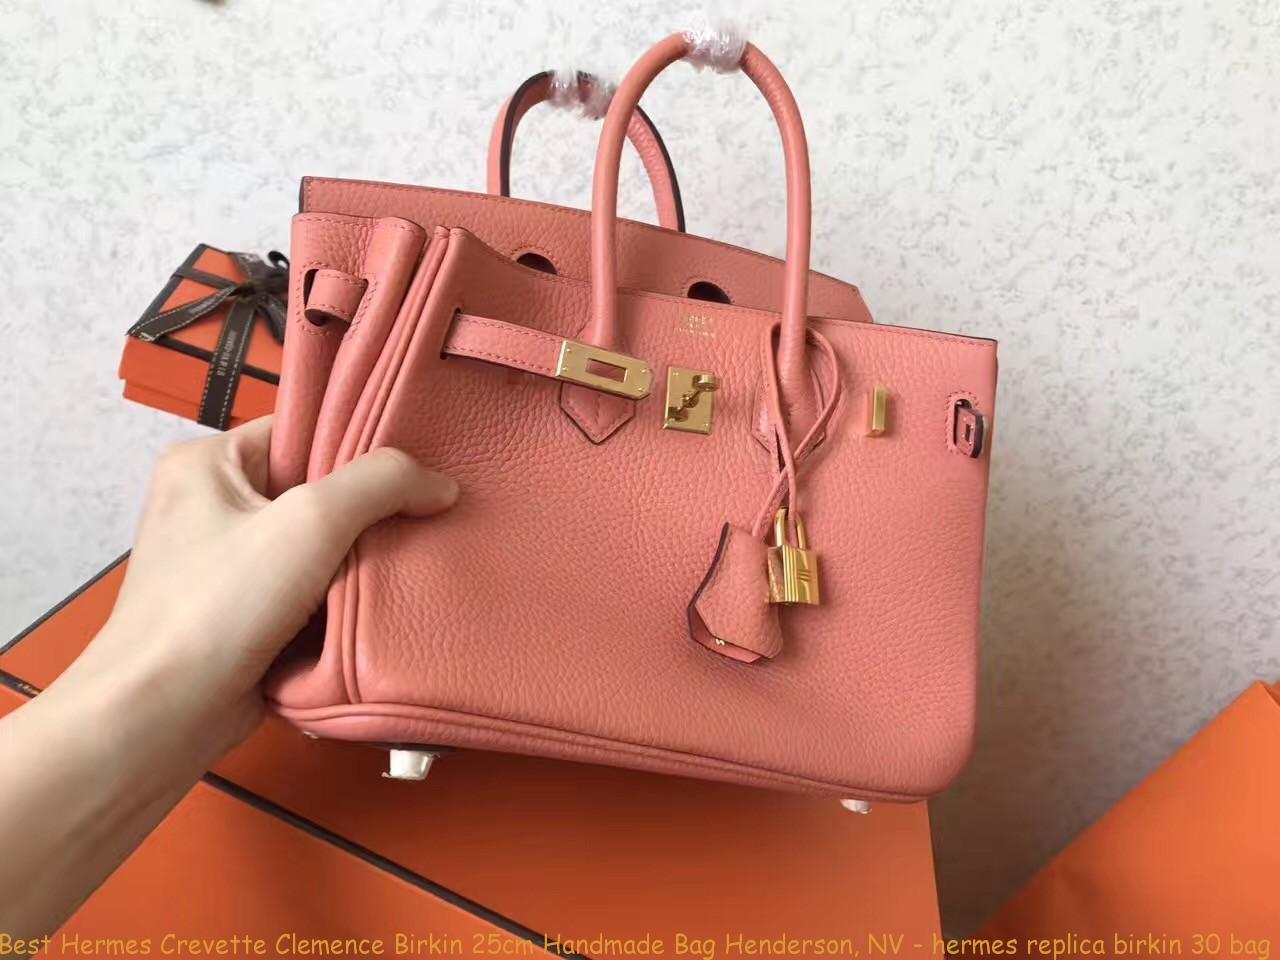 db5d53eac2 Best Hermes Crevette Clemence Birkin 25cm Handmade Bag Henderson